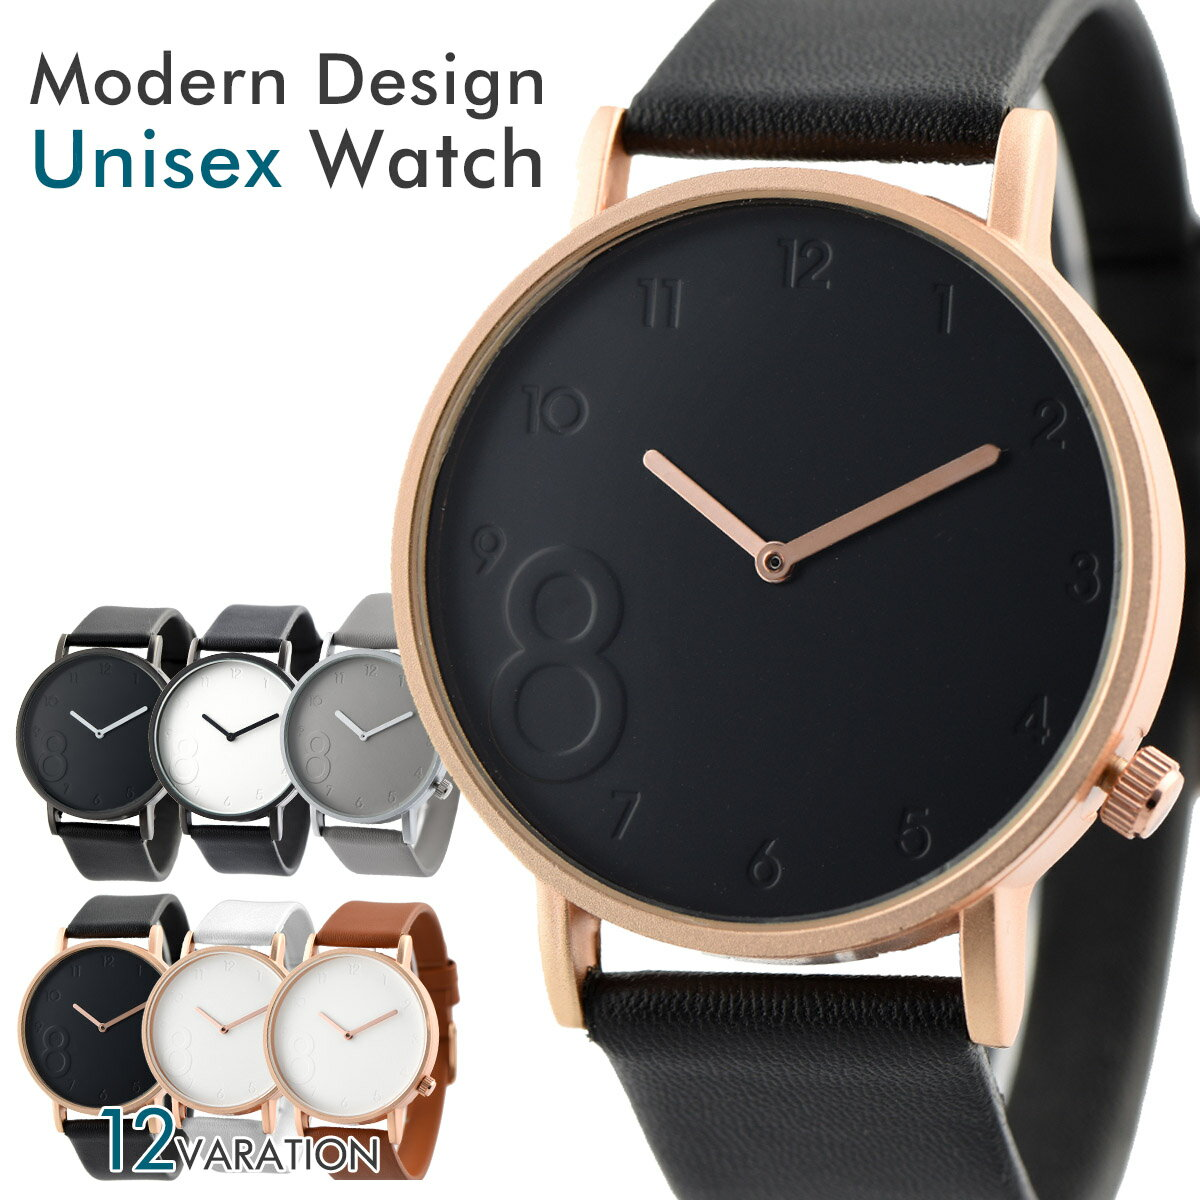 時計 北欧 腕時計 レディース メンズ アナログ クォーツウォッチ おしゃれ シンプル レザー 人気 カジュアル ペア プチプラ